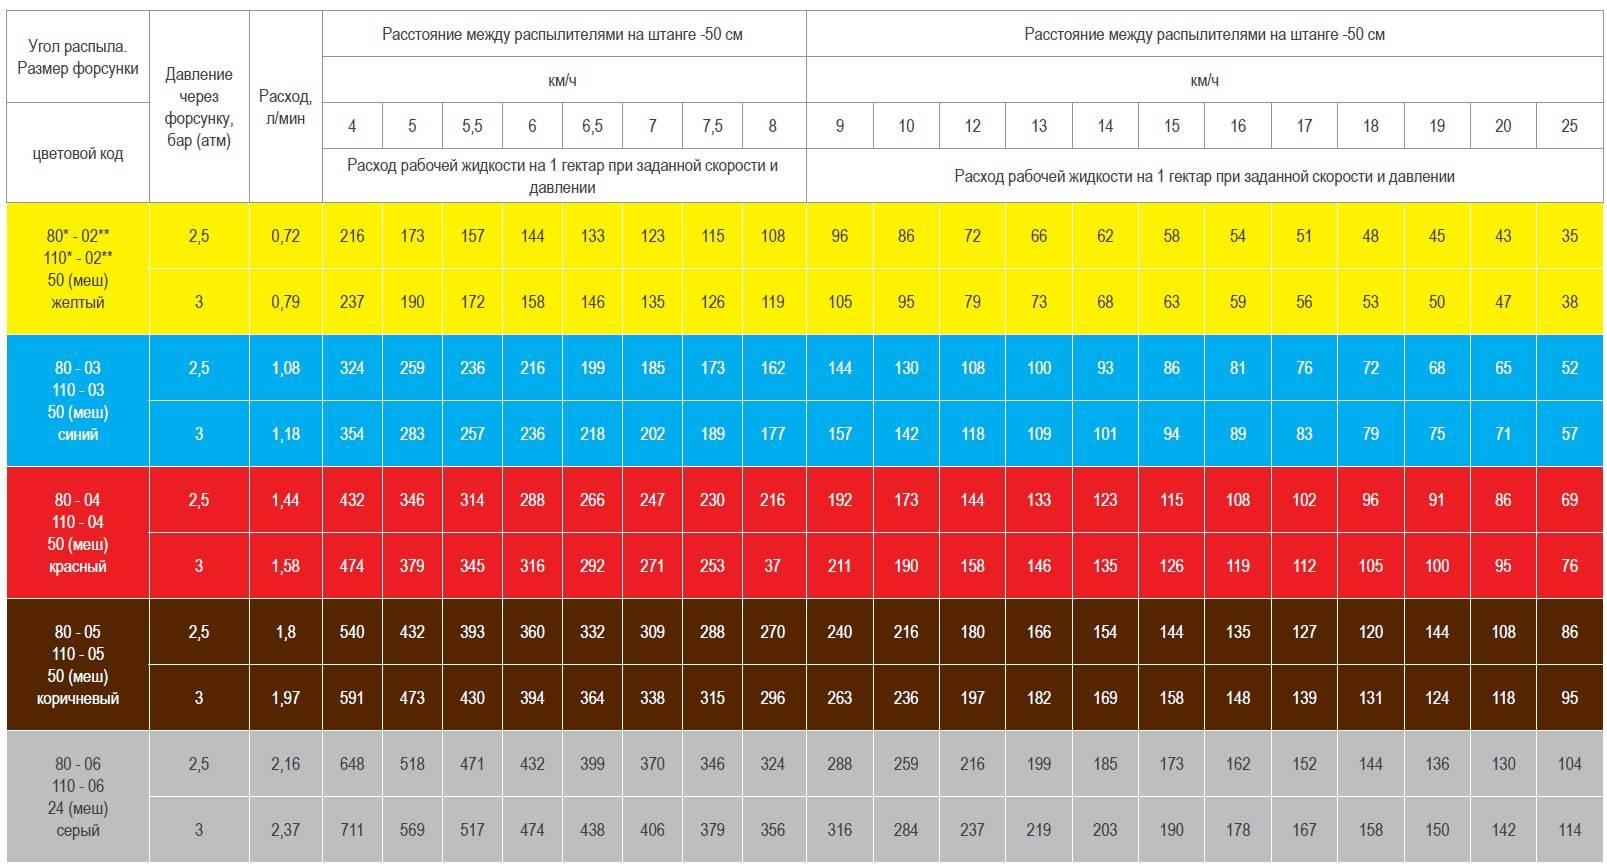 Фунгицид раек: инструкция по применению и состав, нормы расхода и аналоги